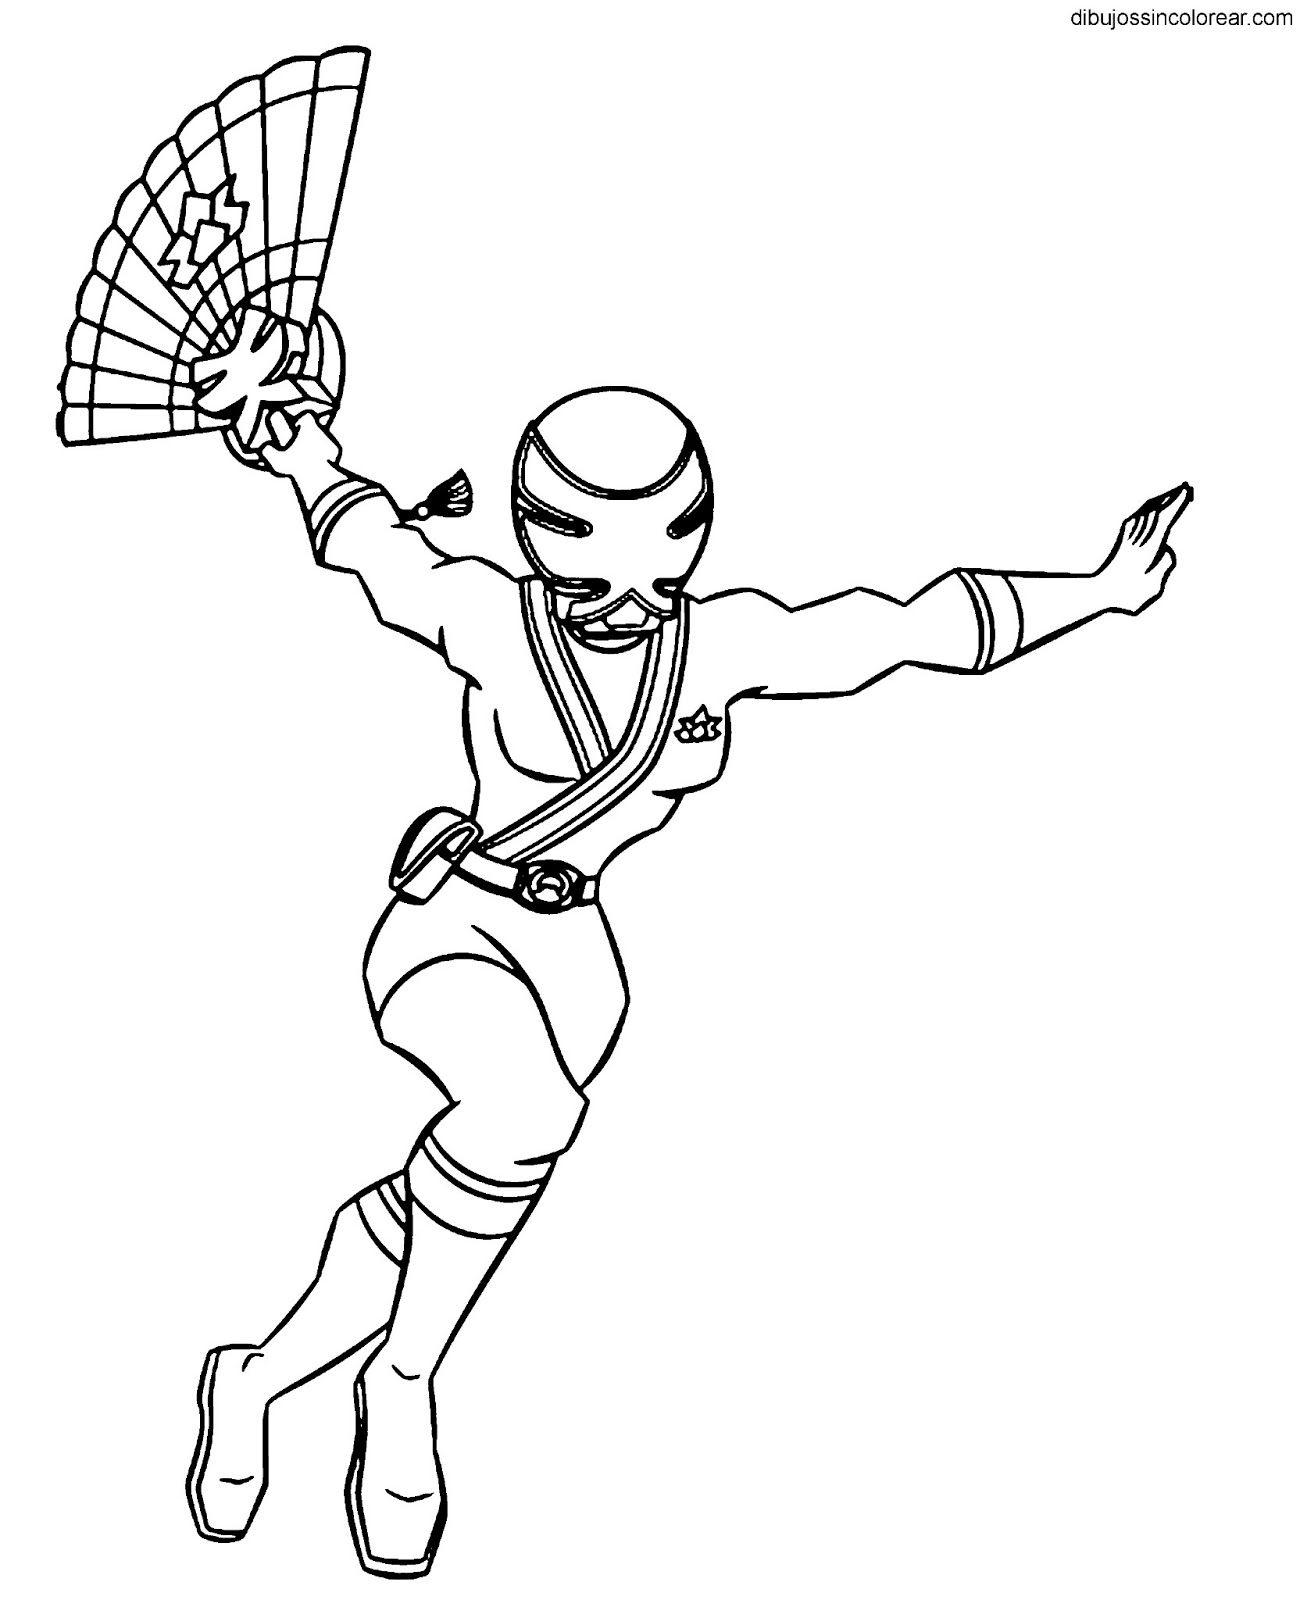 Dibujos de los Powers Rangers para colorear - Yahoo Search Results ...